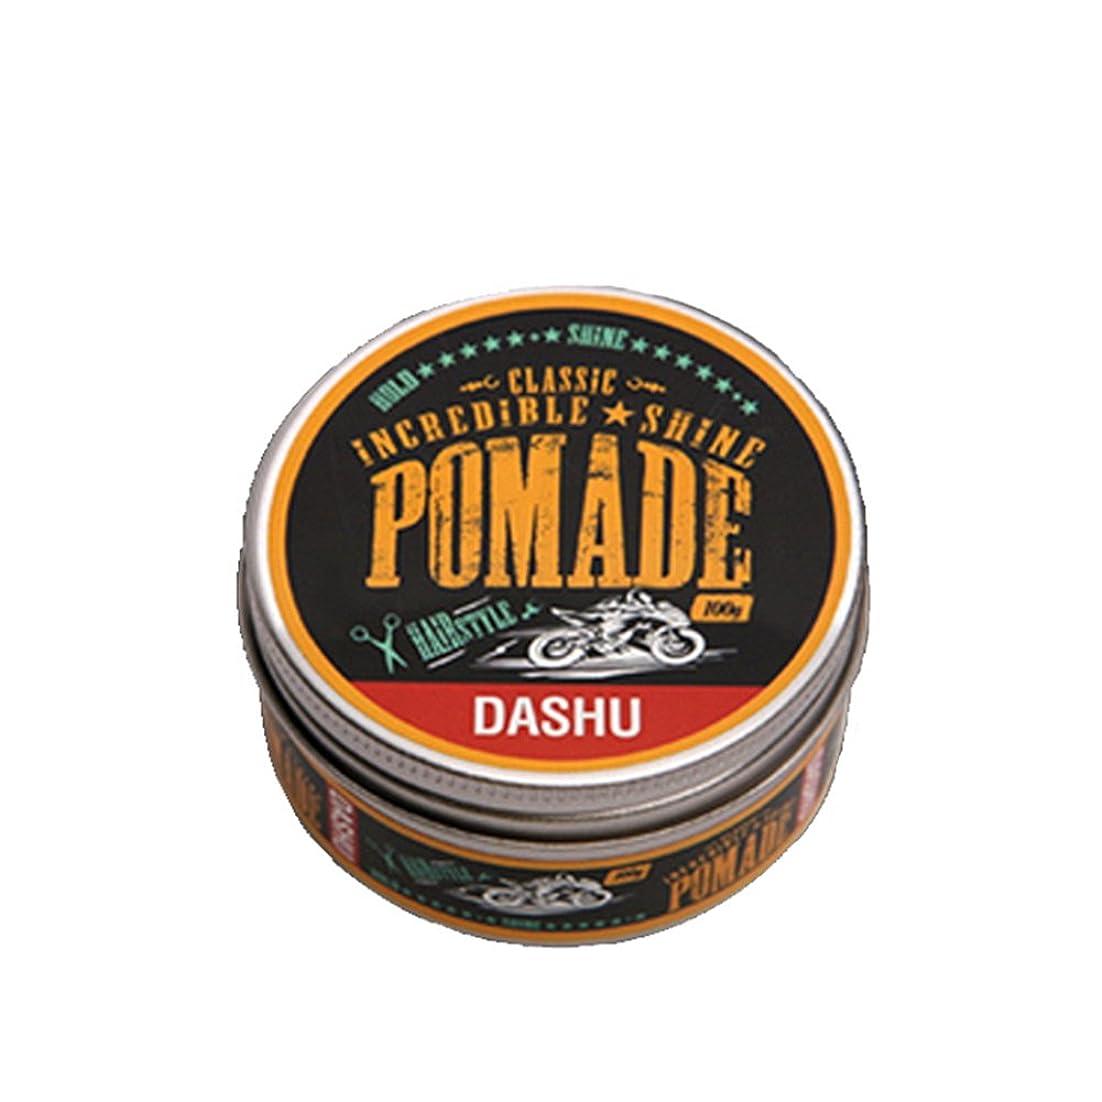 刻む弓期間[DASHU] ダシュ クラシック 信じられないほどの輝き ポマードワックス Classic Incredible Shine Pomade Hair Wax 100ml / 韓国製 . 韓国直送品